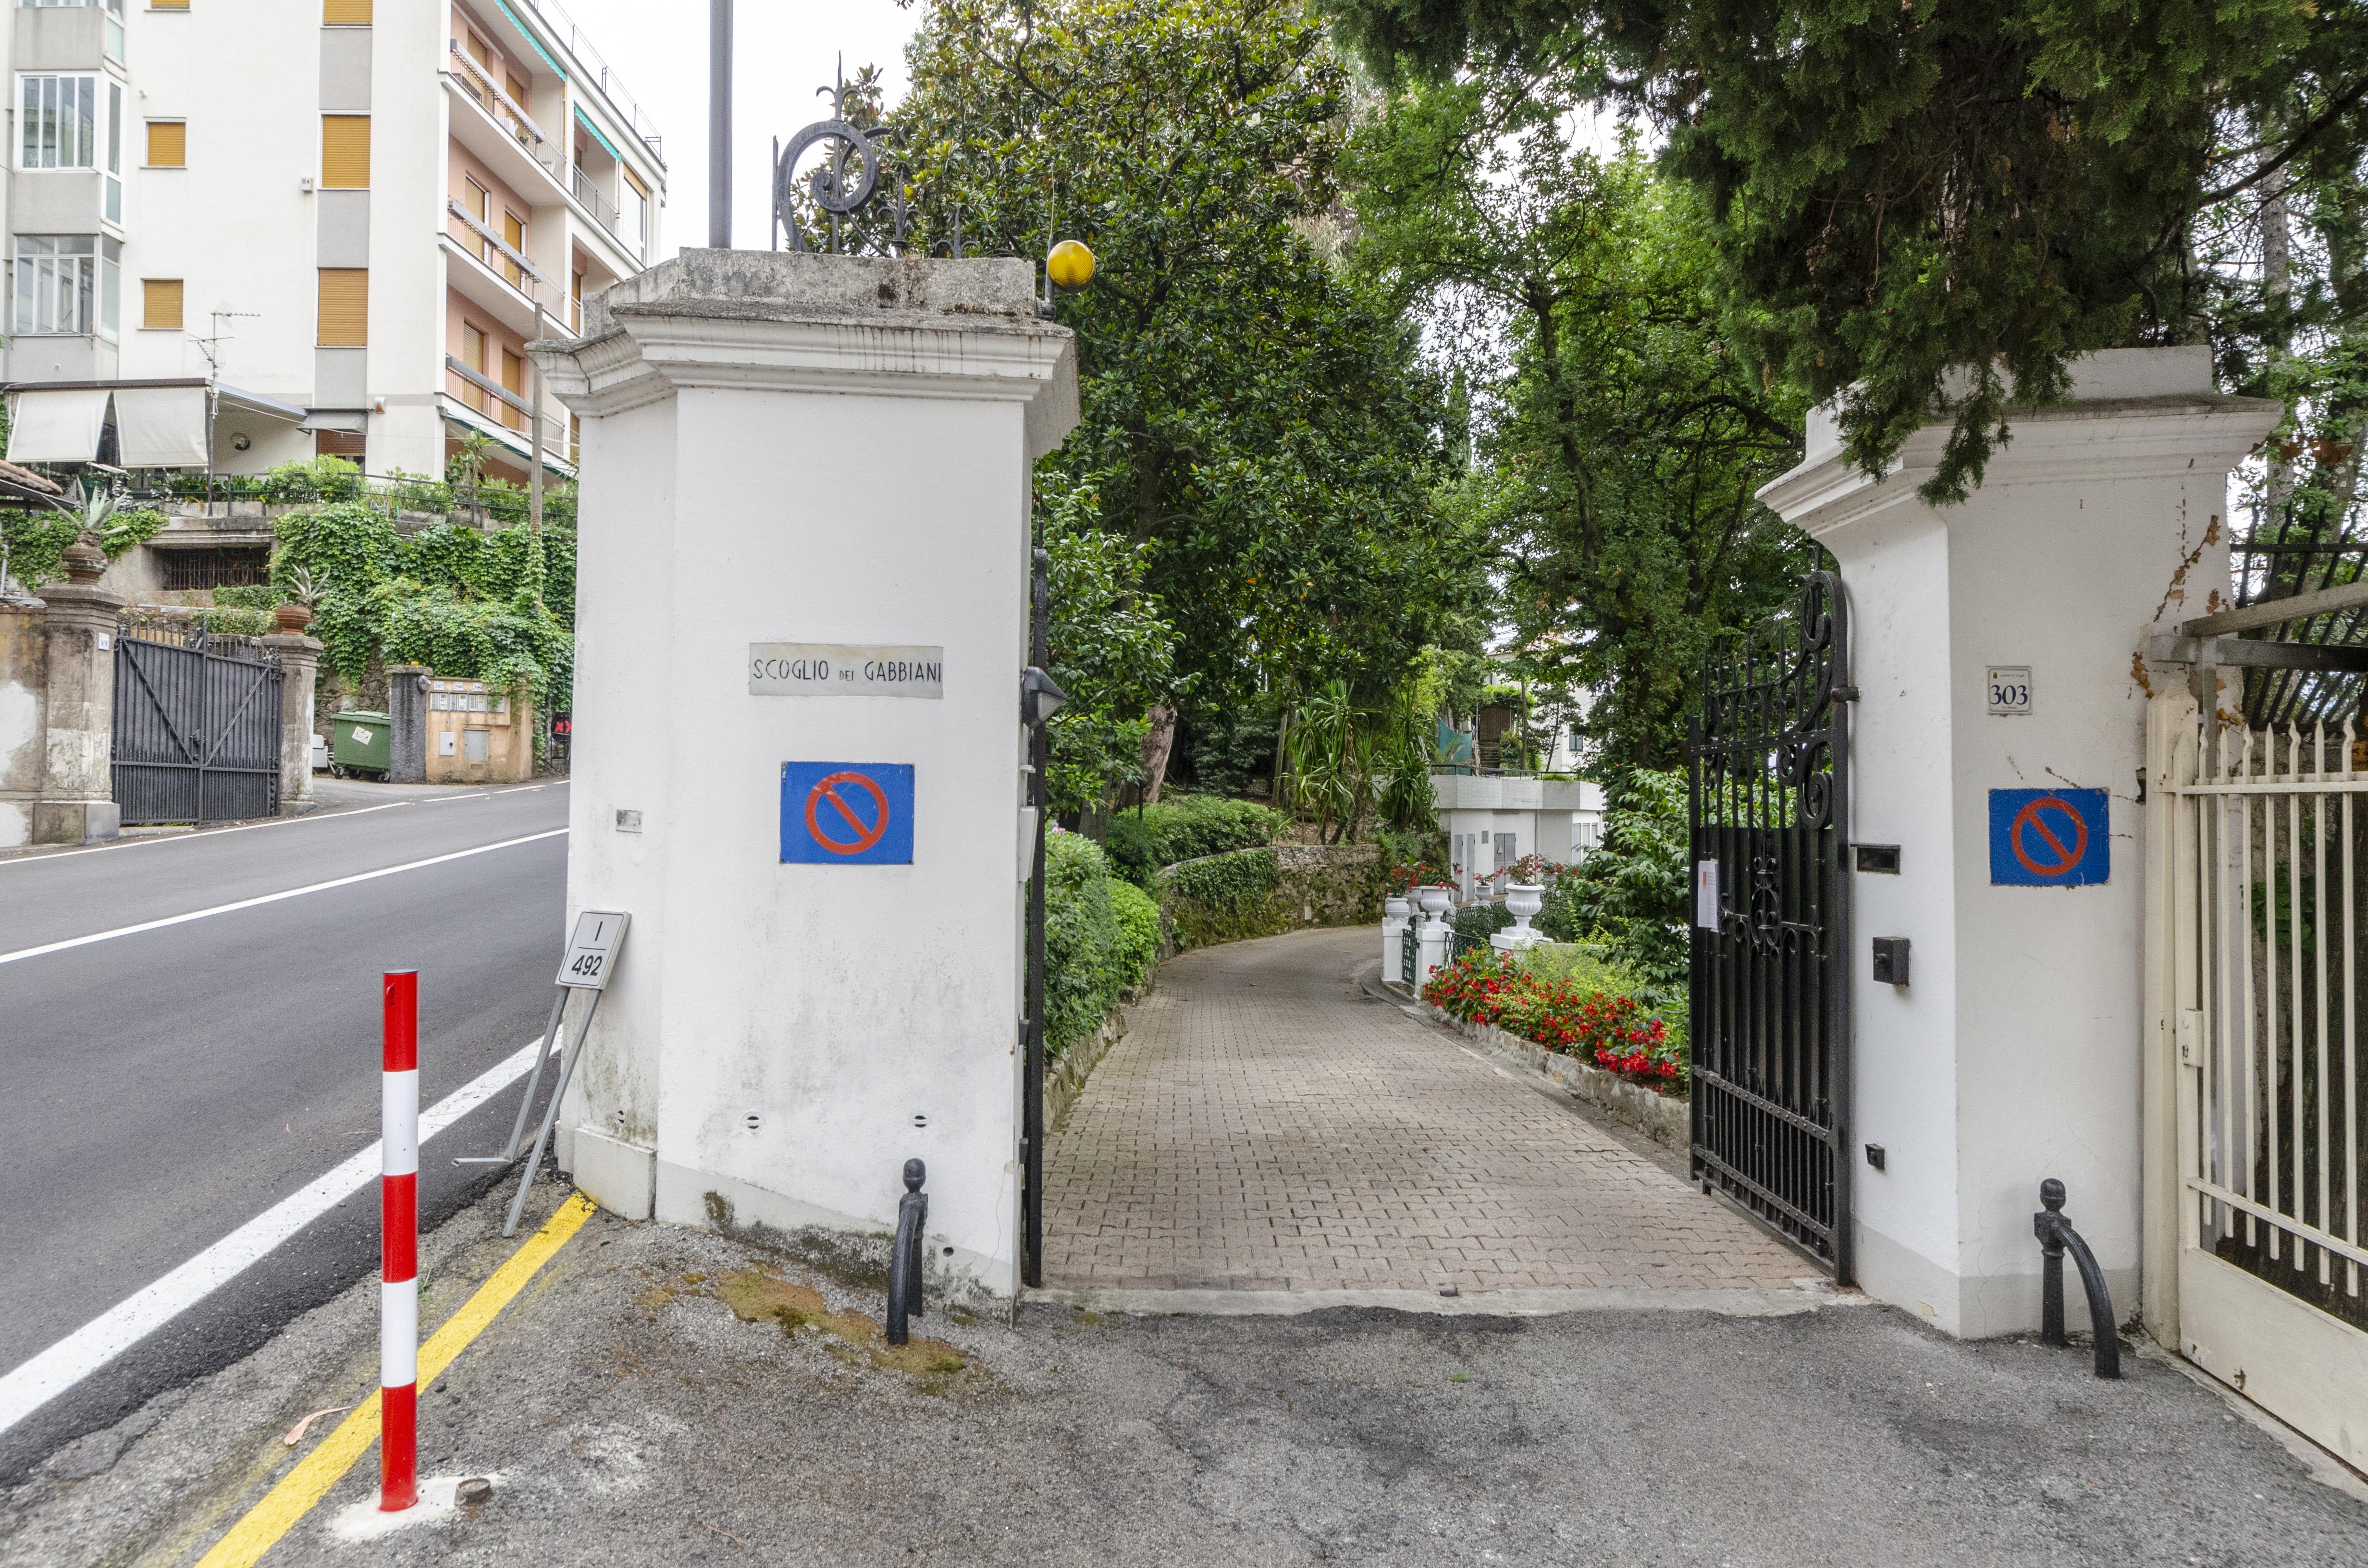 Apartment Hintown Scoglio dei Gabbiani Zoagli photo 19490424